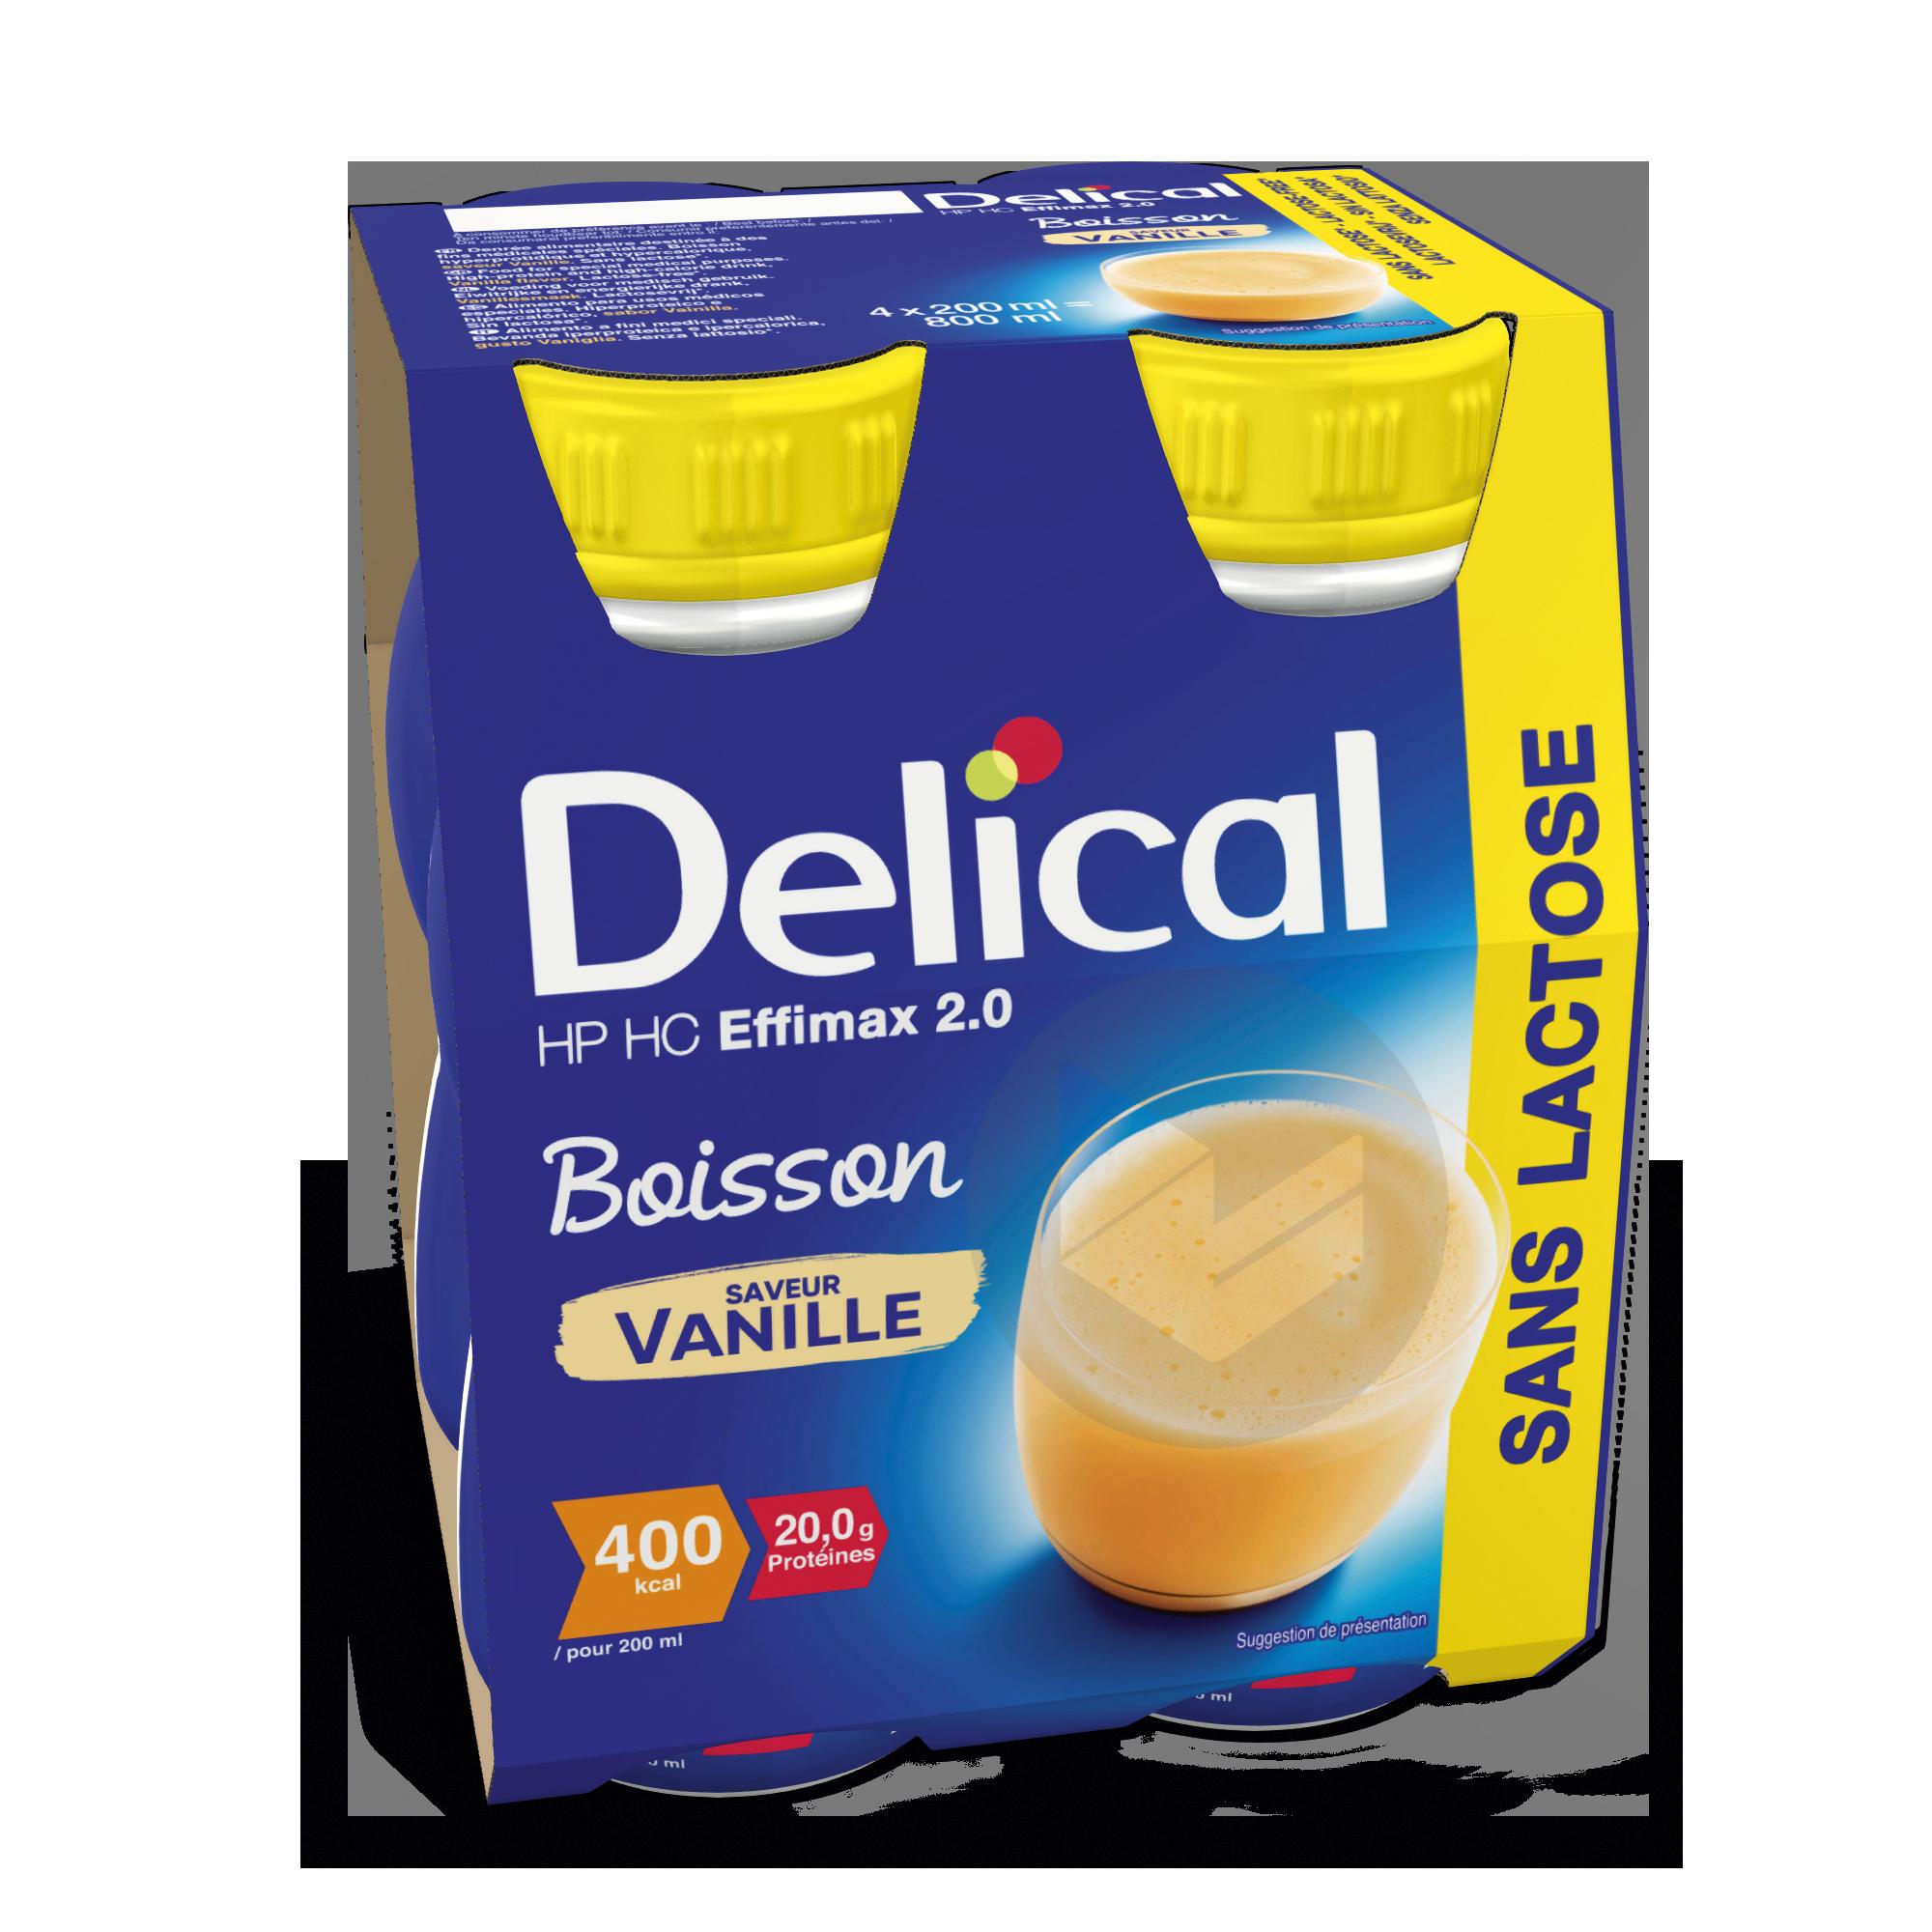 Delical Boisson Sans Lactose Hp Hc Effimax 2 0 Vanille